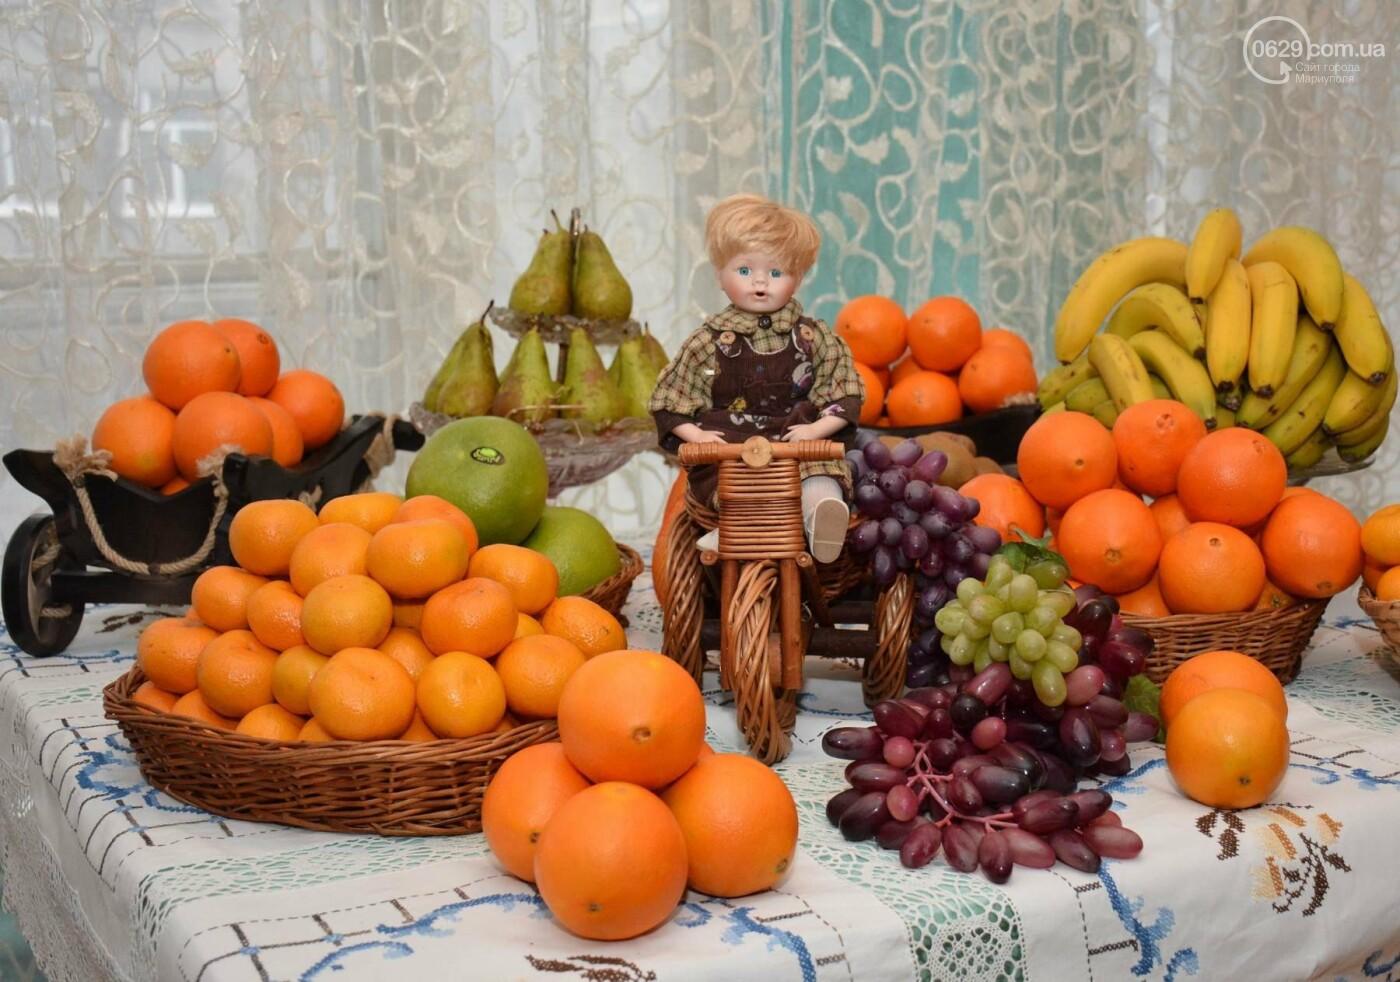 Больше молочных и мясных блюд, свежих овощей и фруктов: в ОШ № 15 представили обновленное меню для школьников., фото-43